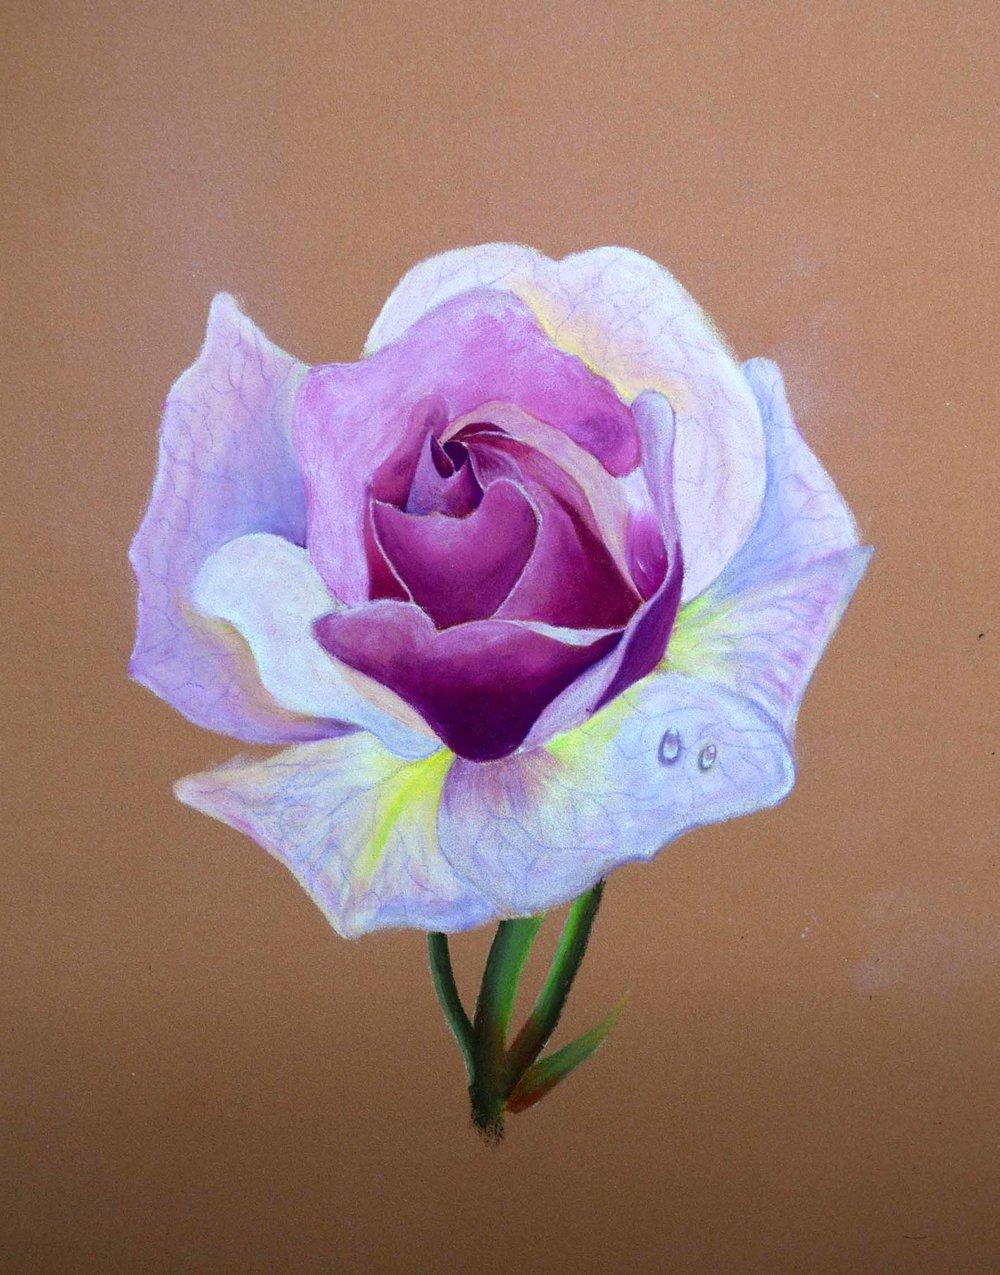 Final Kohinoor Flower Image.jpg